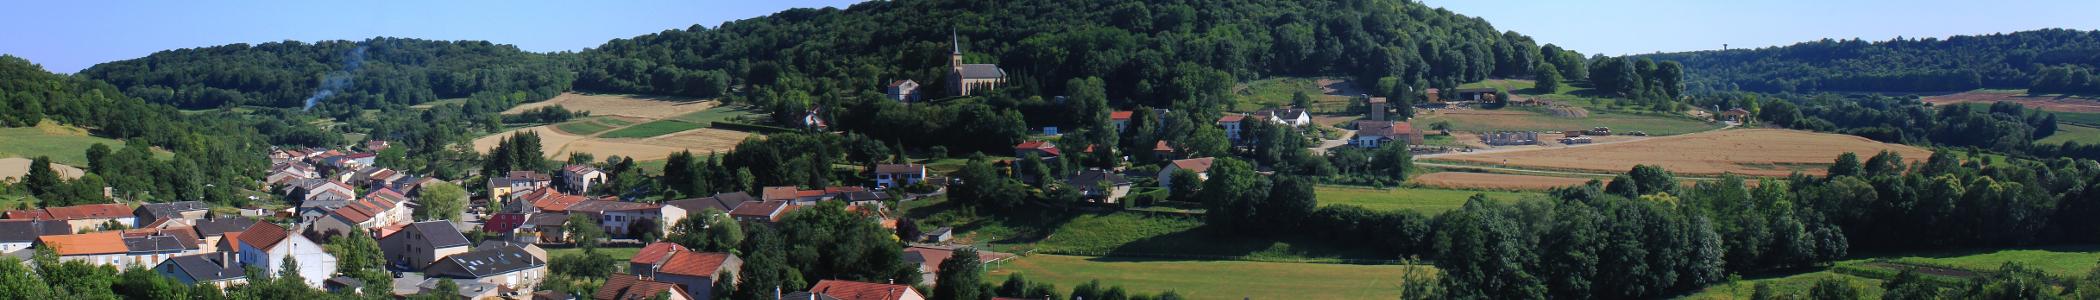 View of Montenach